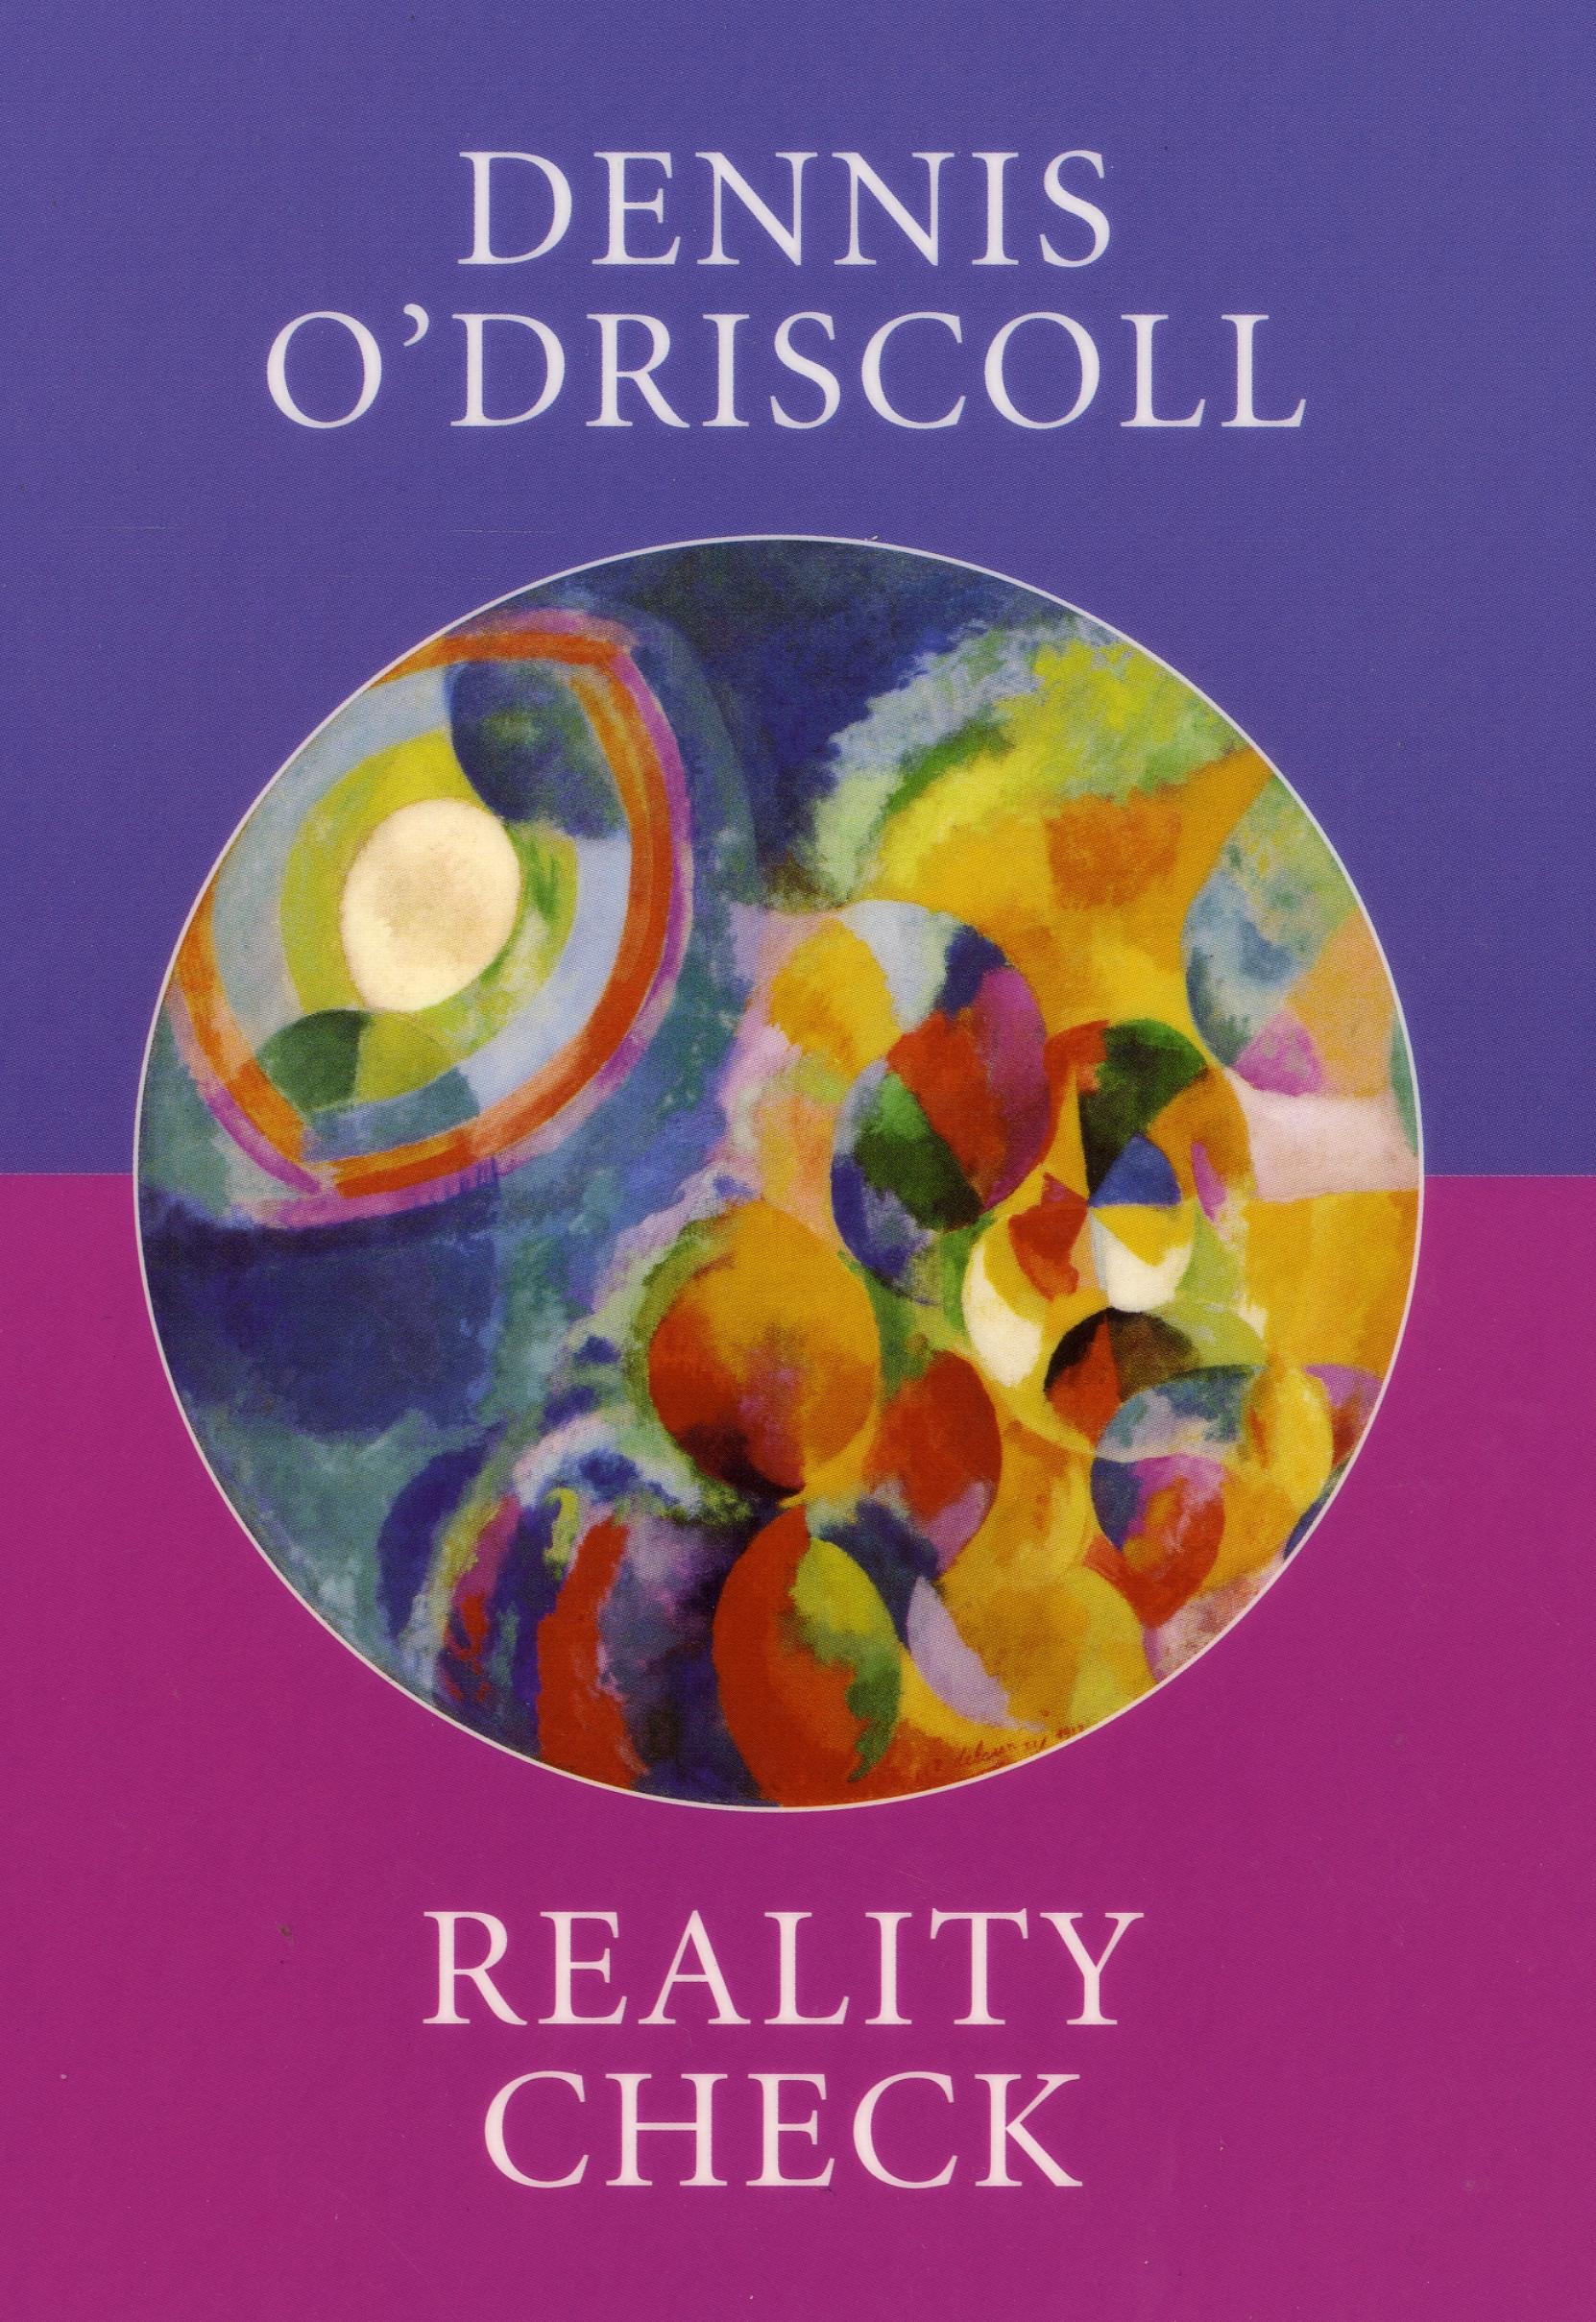 Dennis O'Driscoll – Reality Check